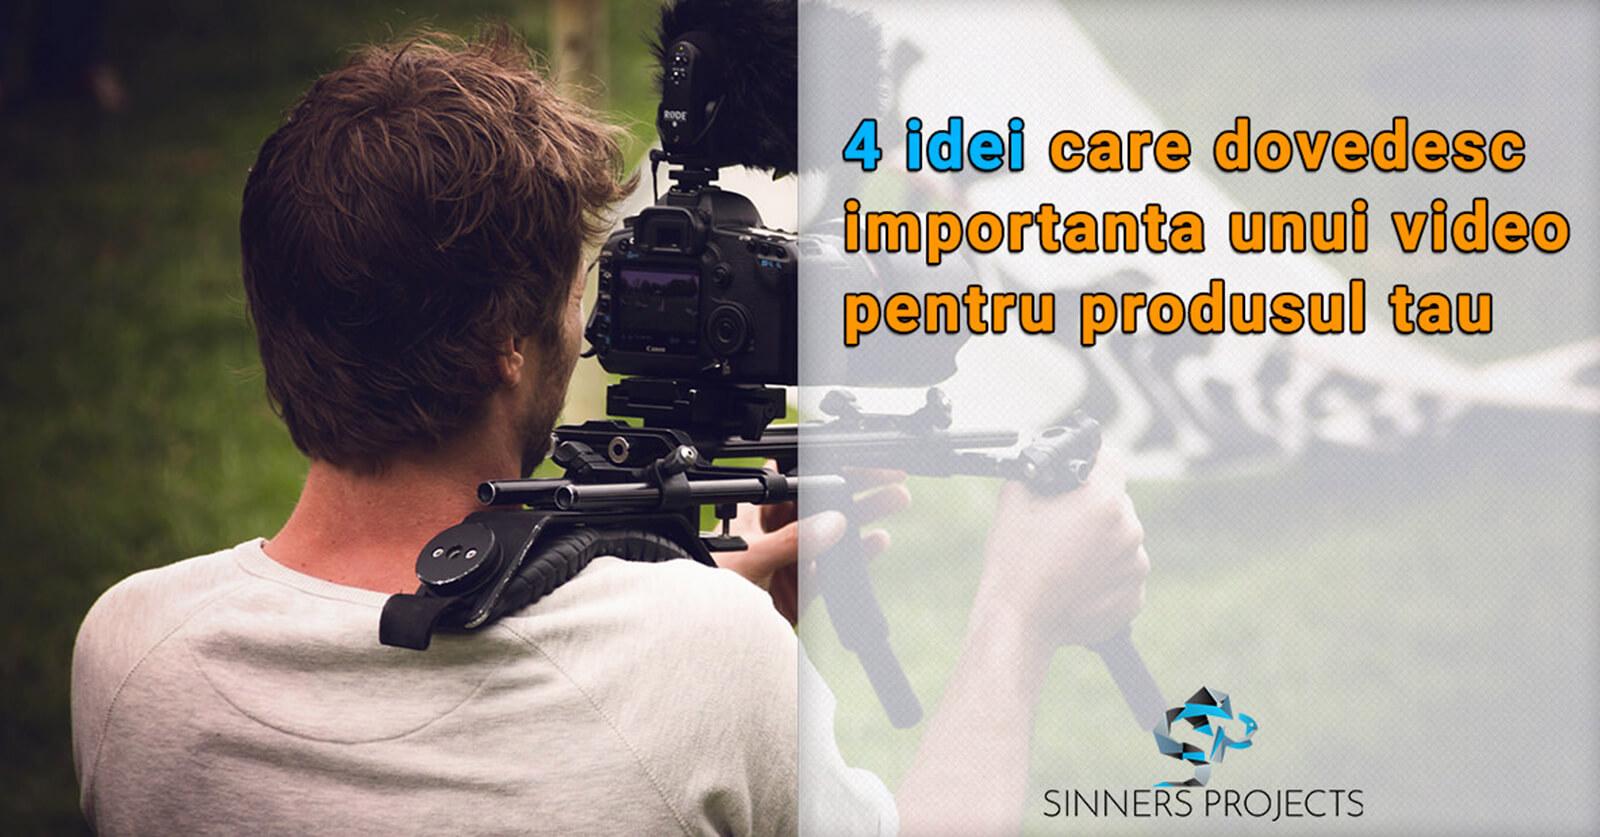 4 idei care dovedesc importanta unui video pentru produsul tau